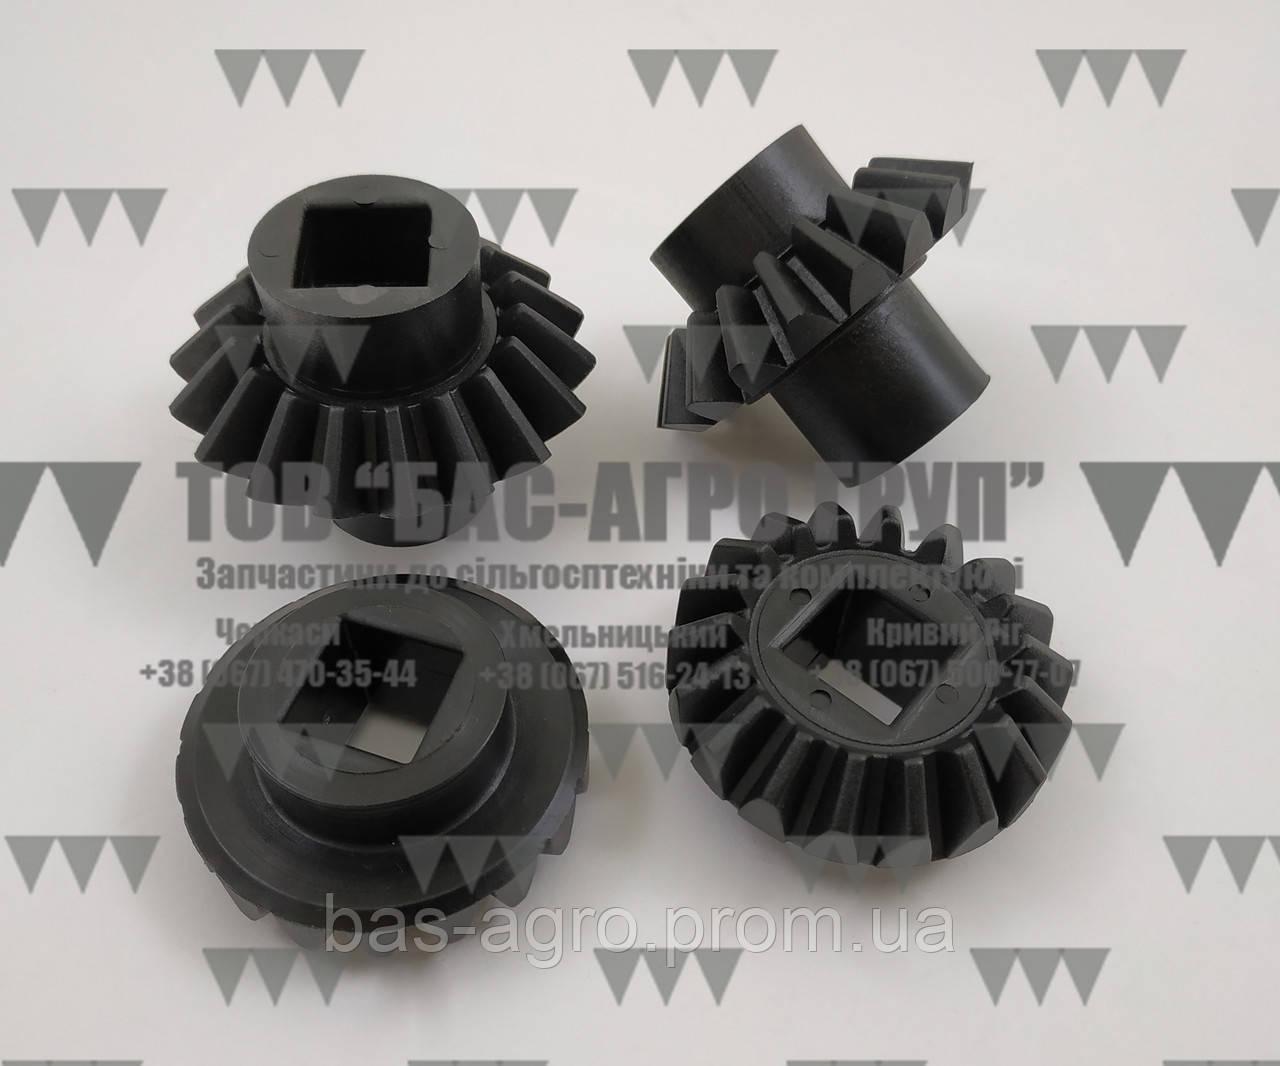 Комплект шестерен минудобрений G20860126 Gaspardo аналог